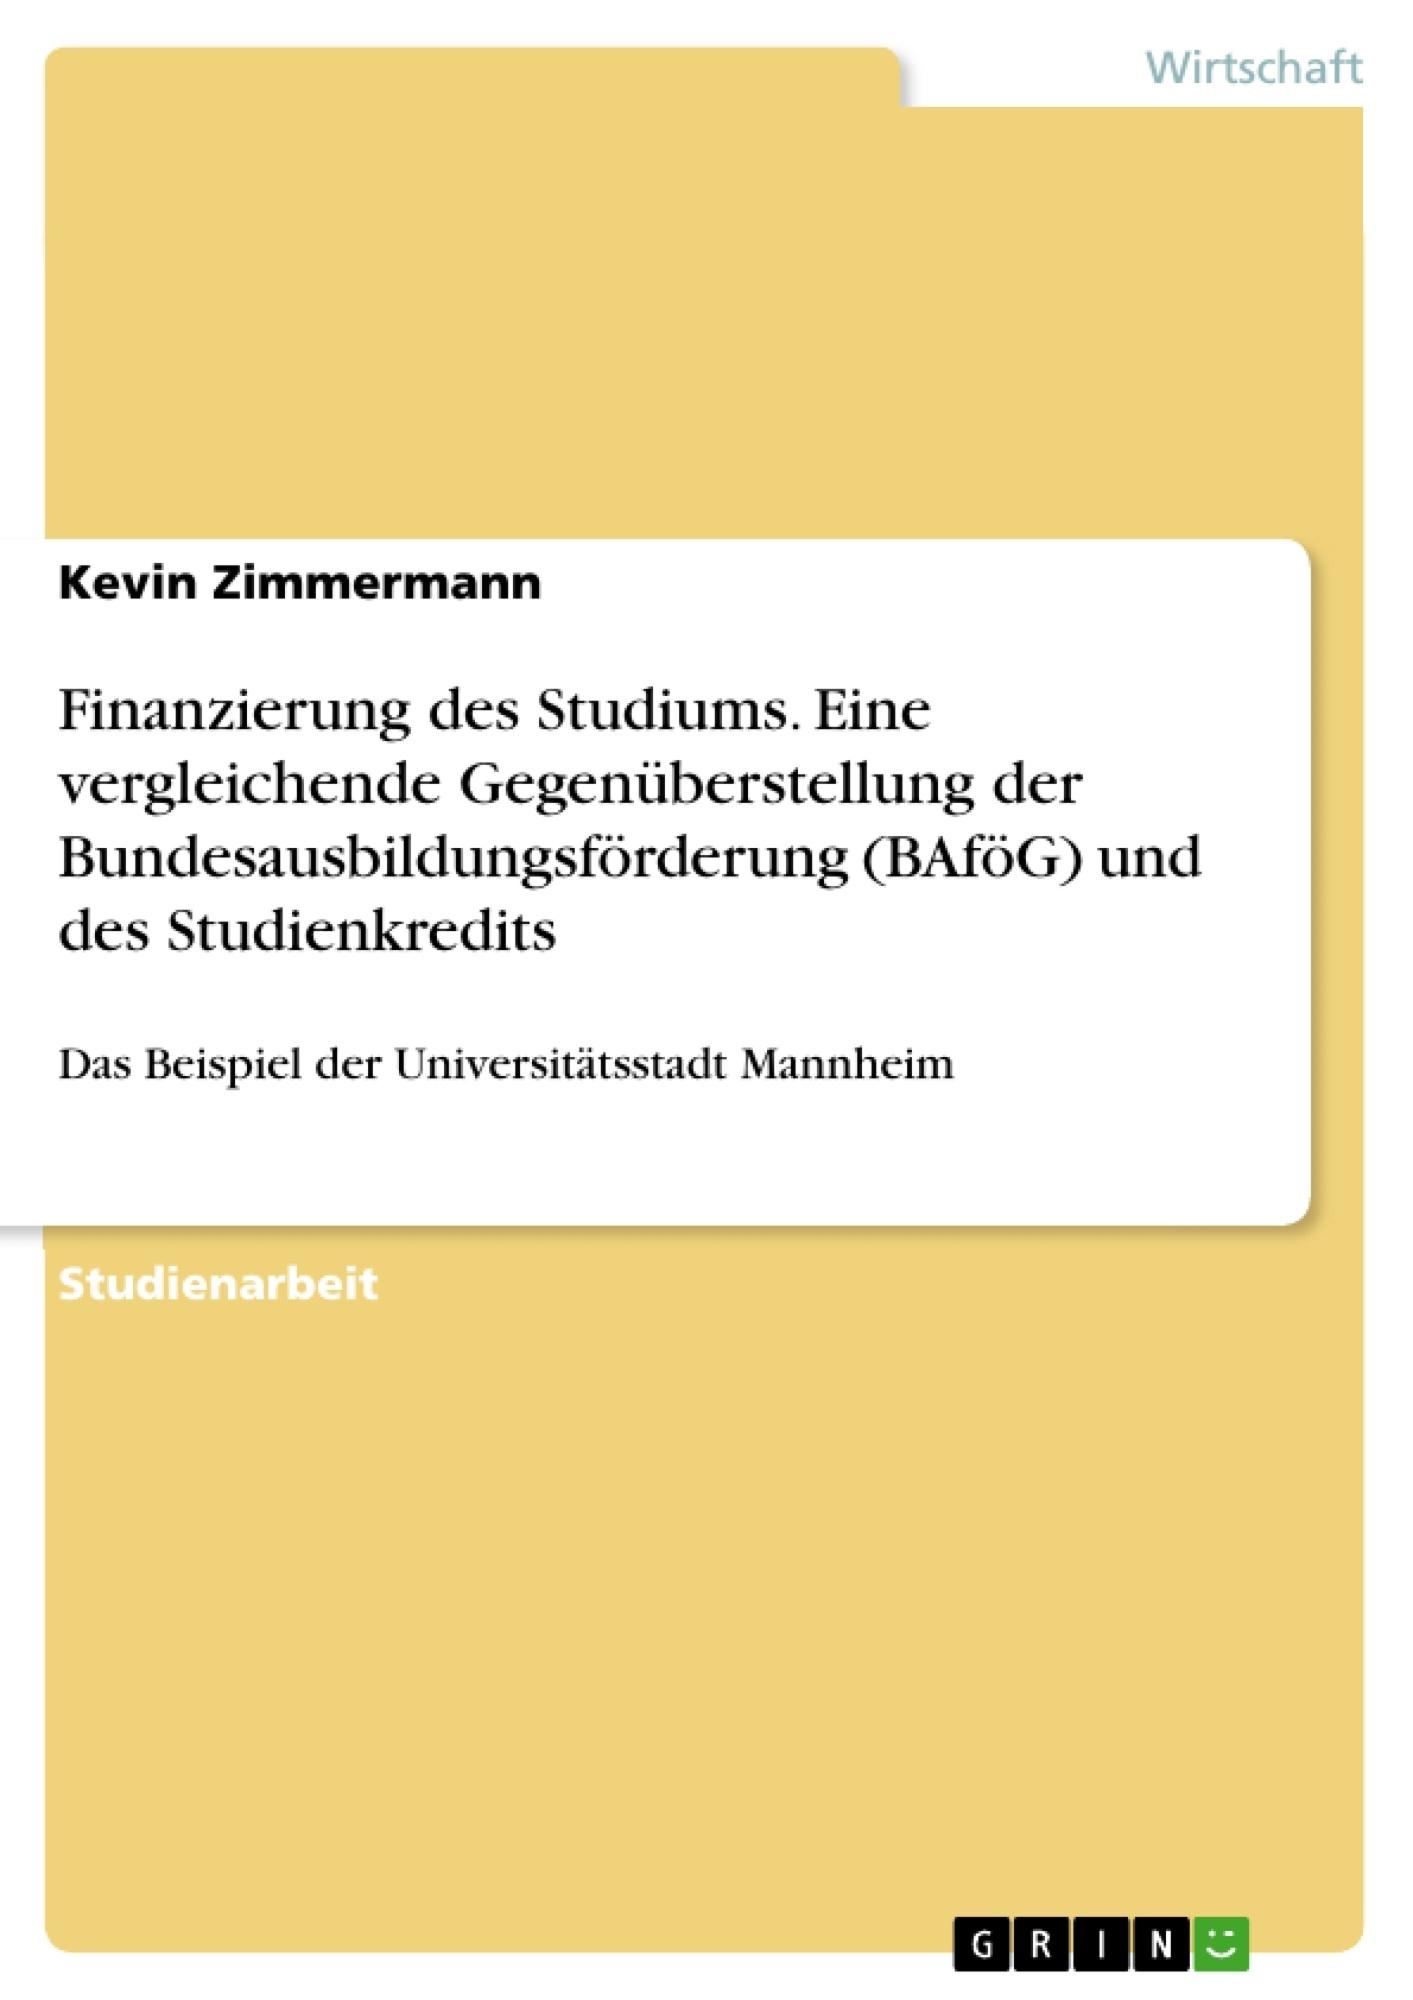 Titel: Finanzierung des Studiums. Eine vergleichende Gegenüberstellung  der Bundesausbildungsförderung (BAföG) und des Studienkredits